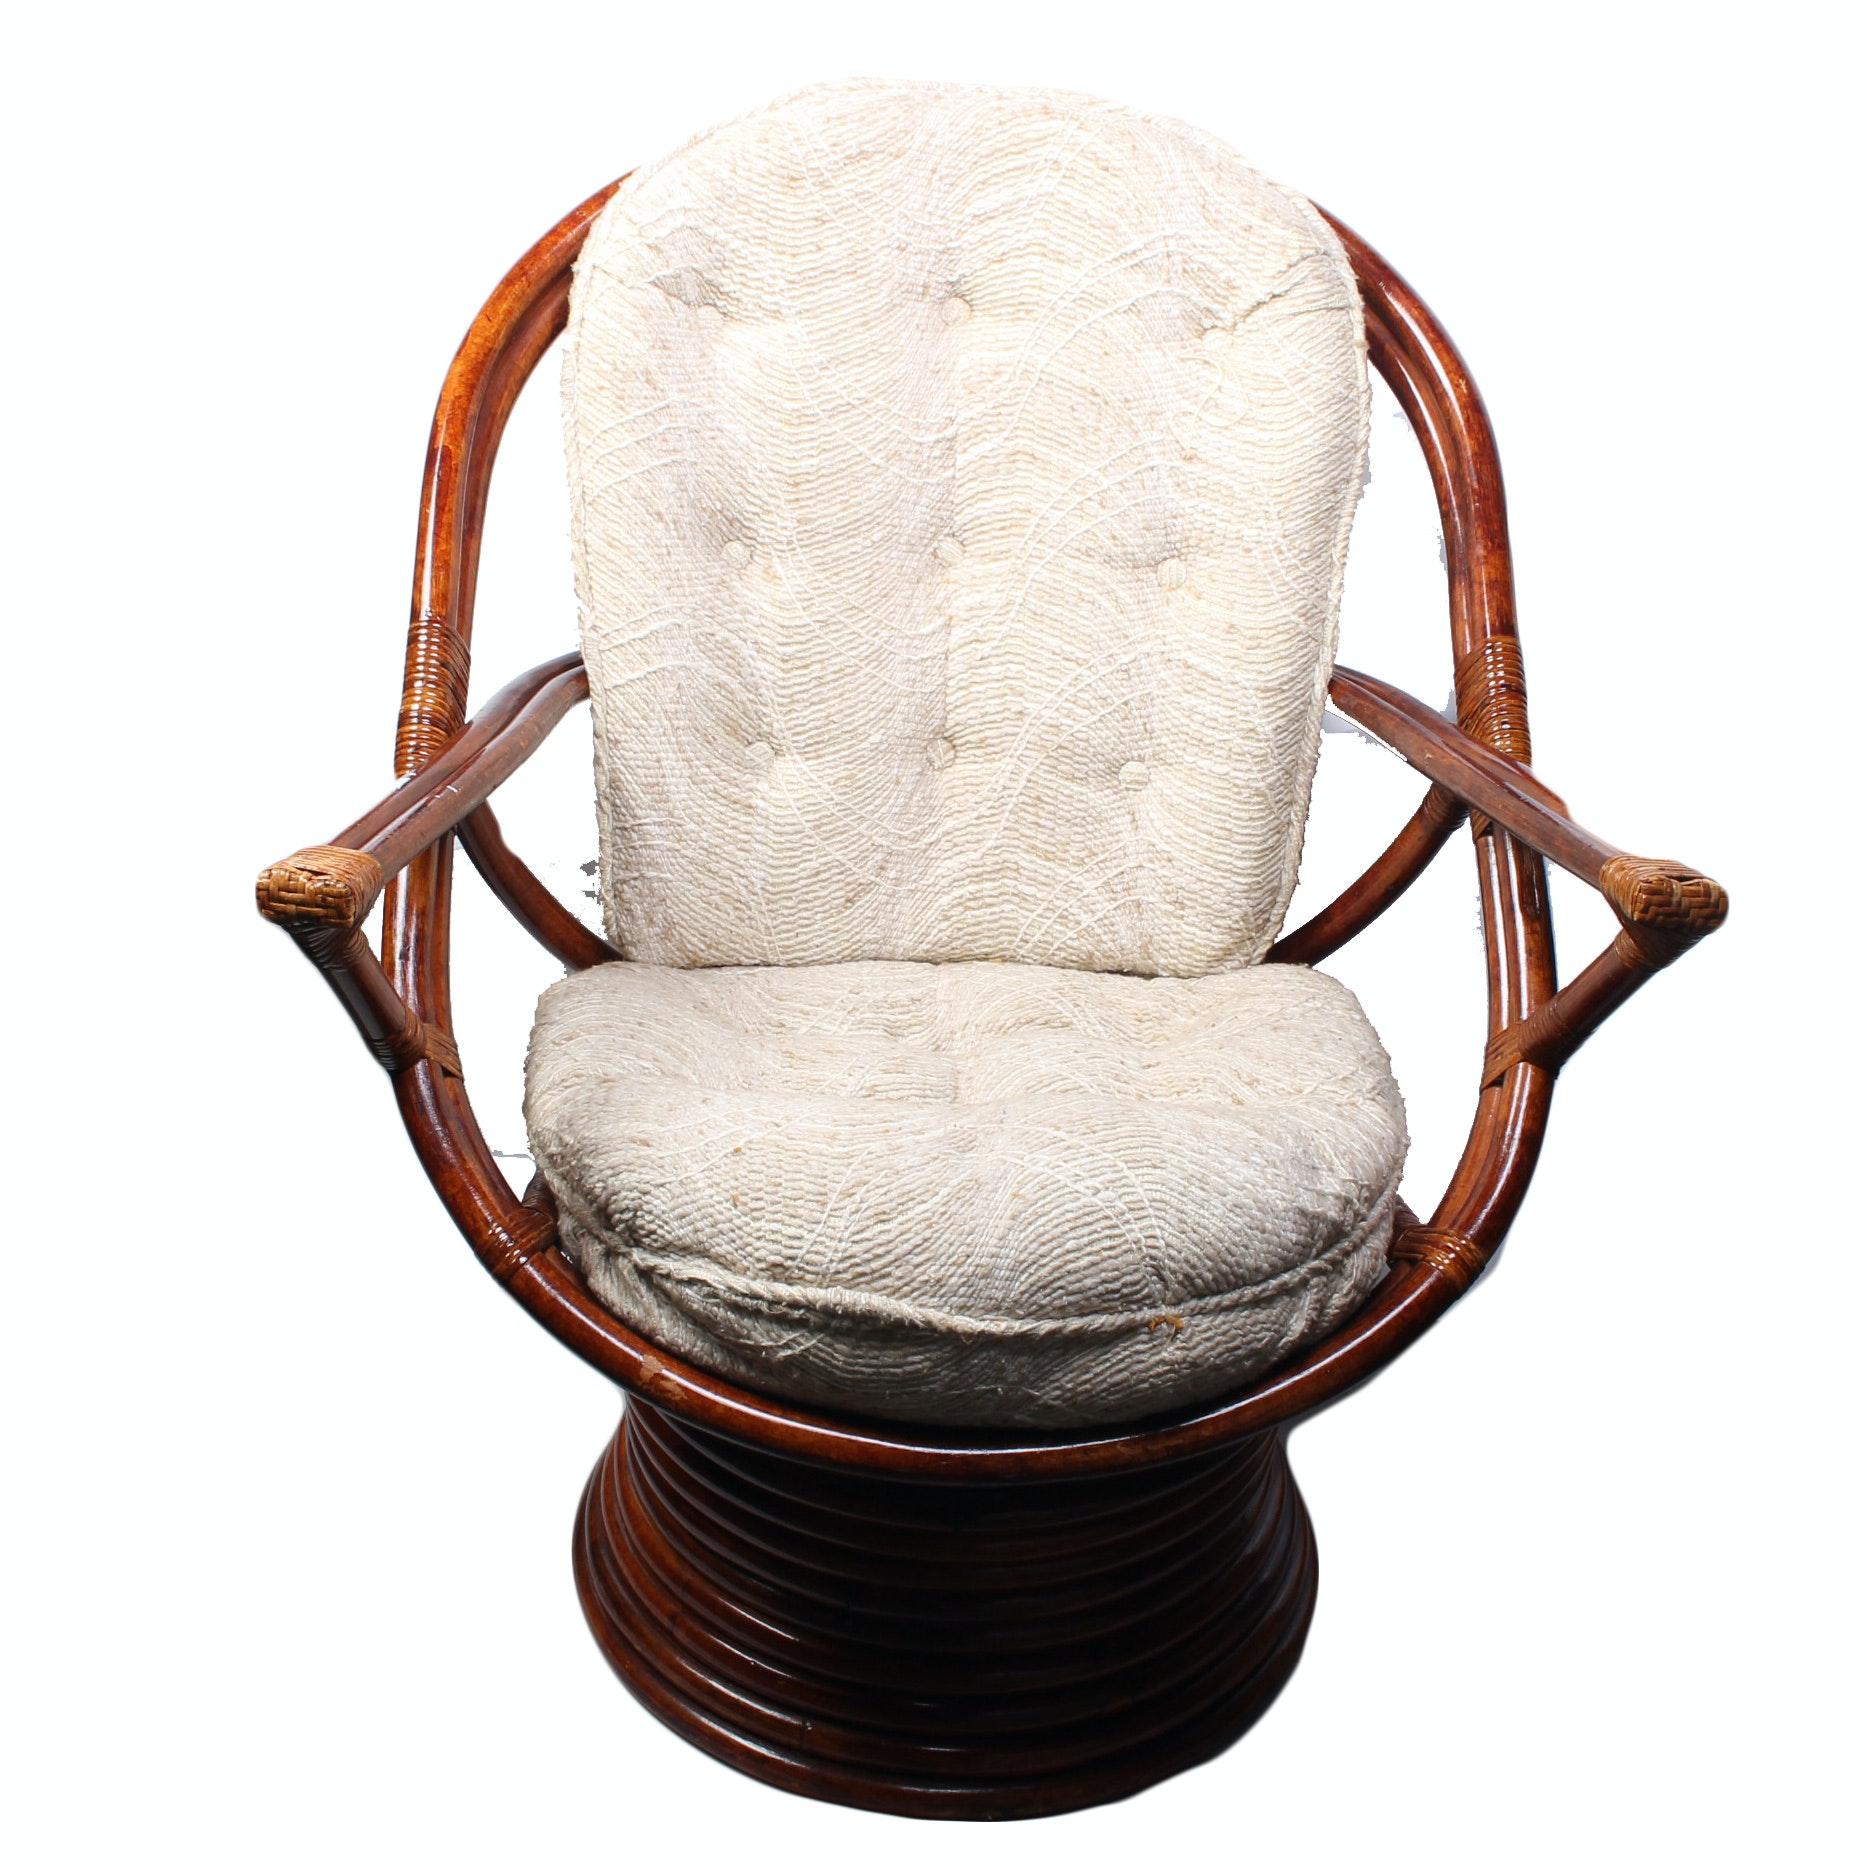 Rattan Swivel Rocker Chair EBTH